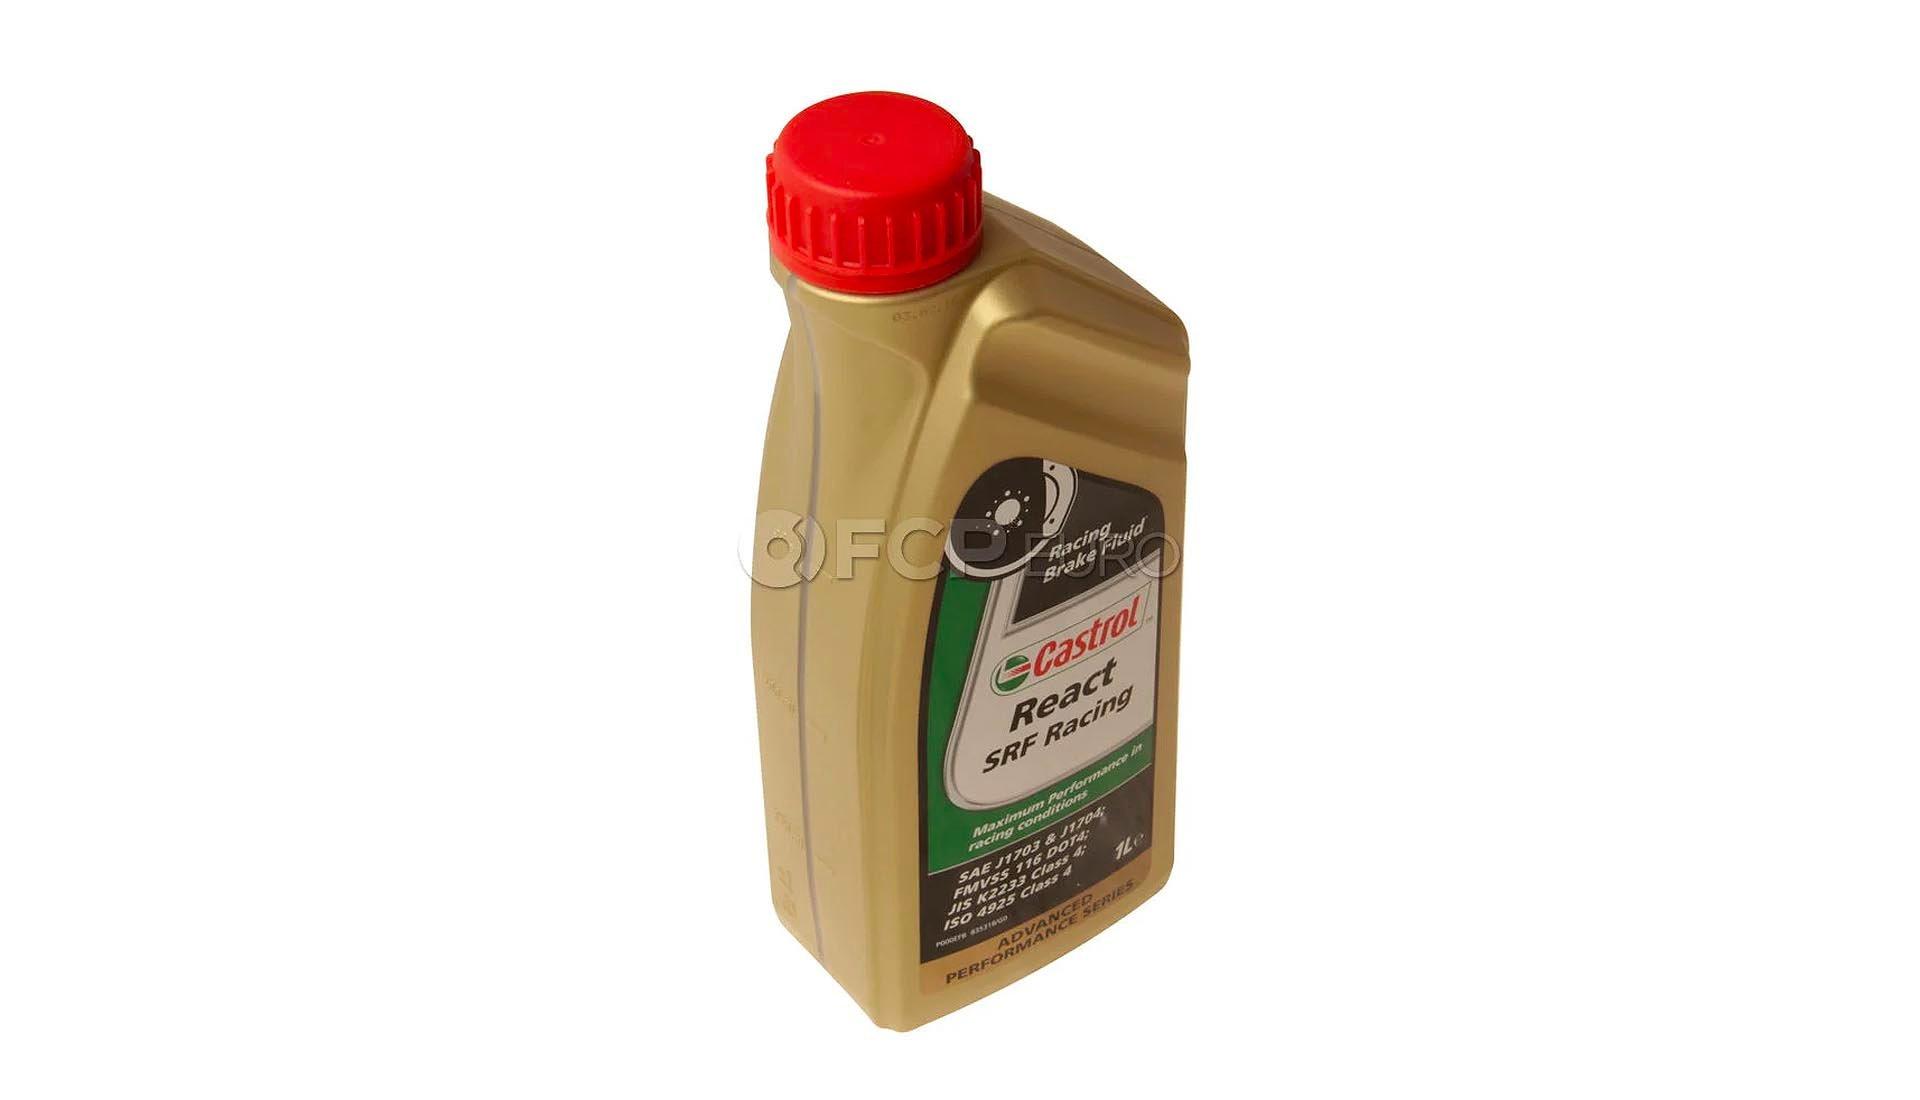 15_castrol SRF brake fluid for Mk7 GTI